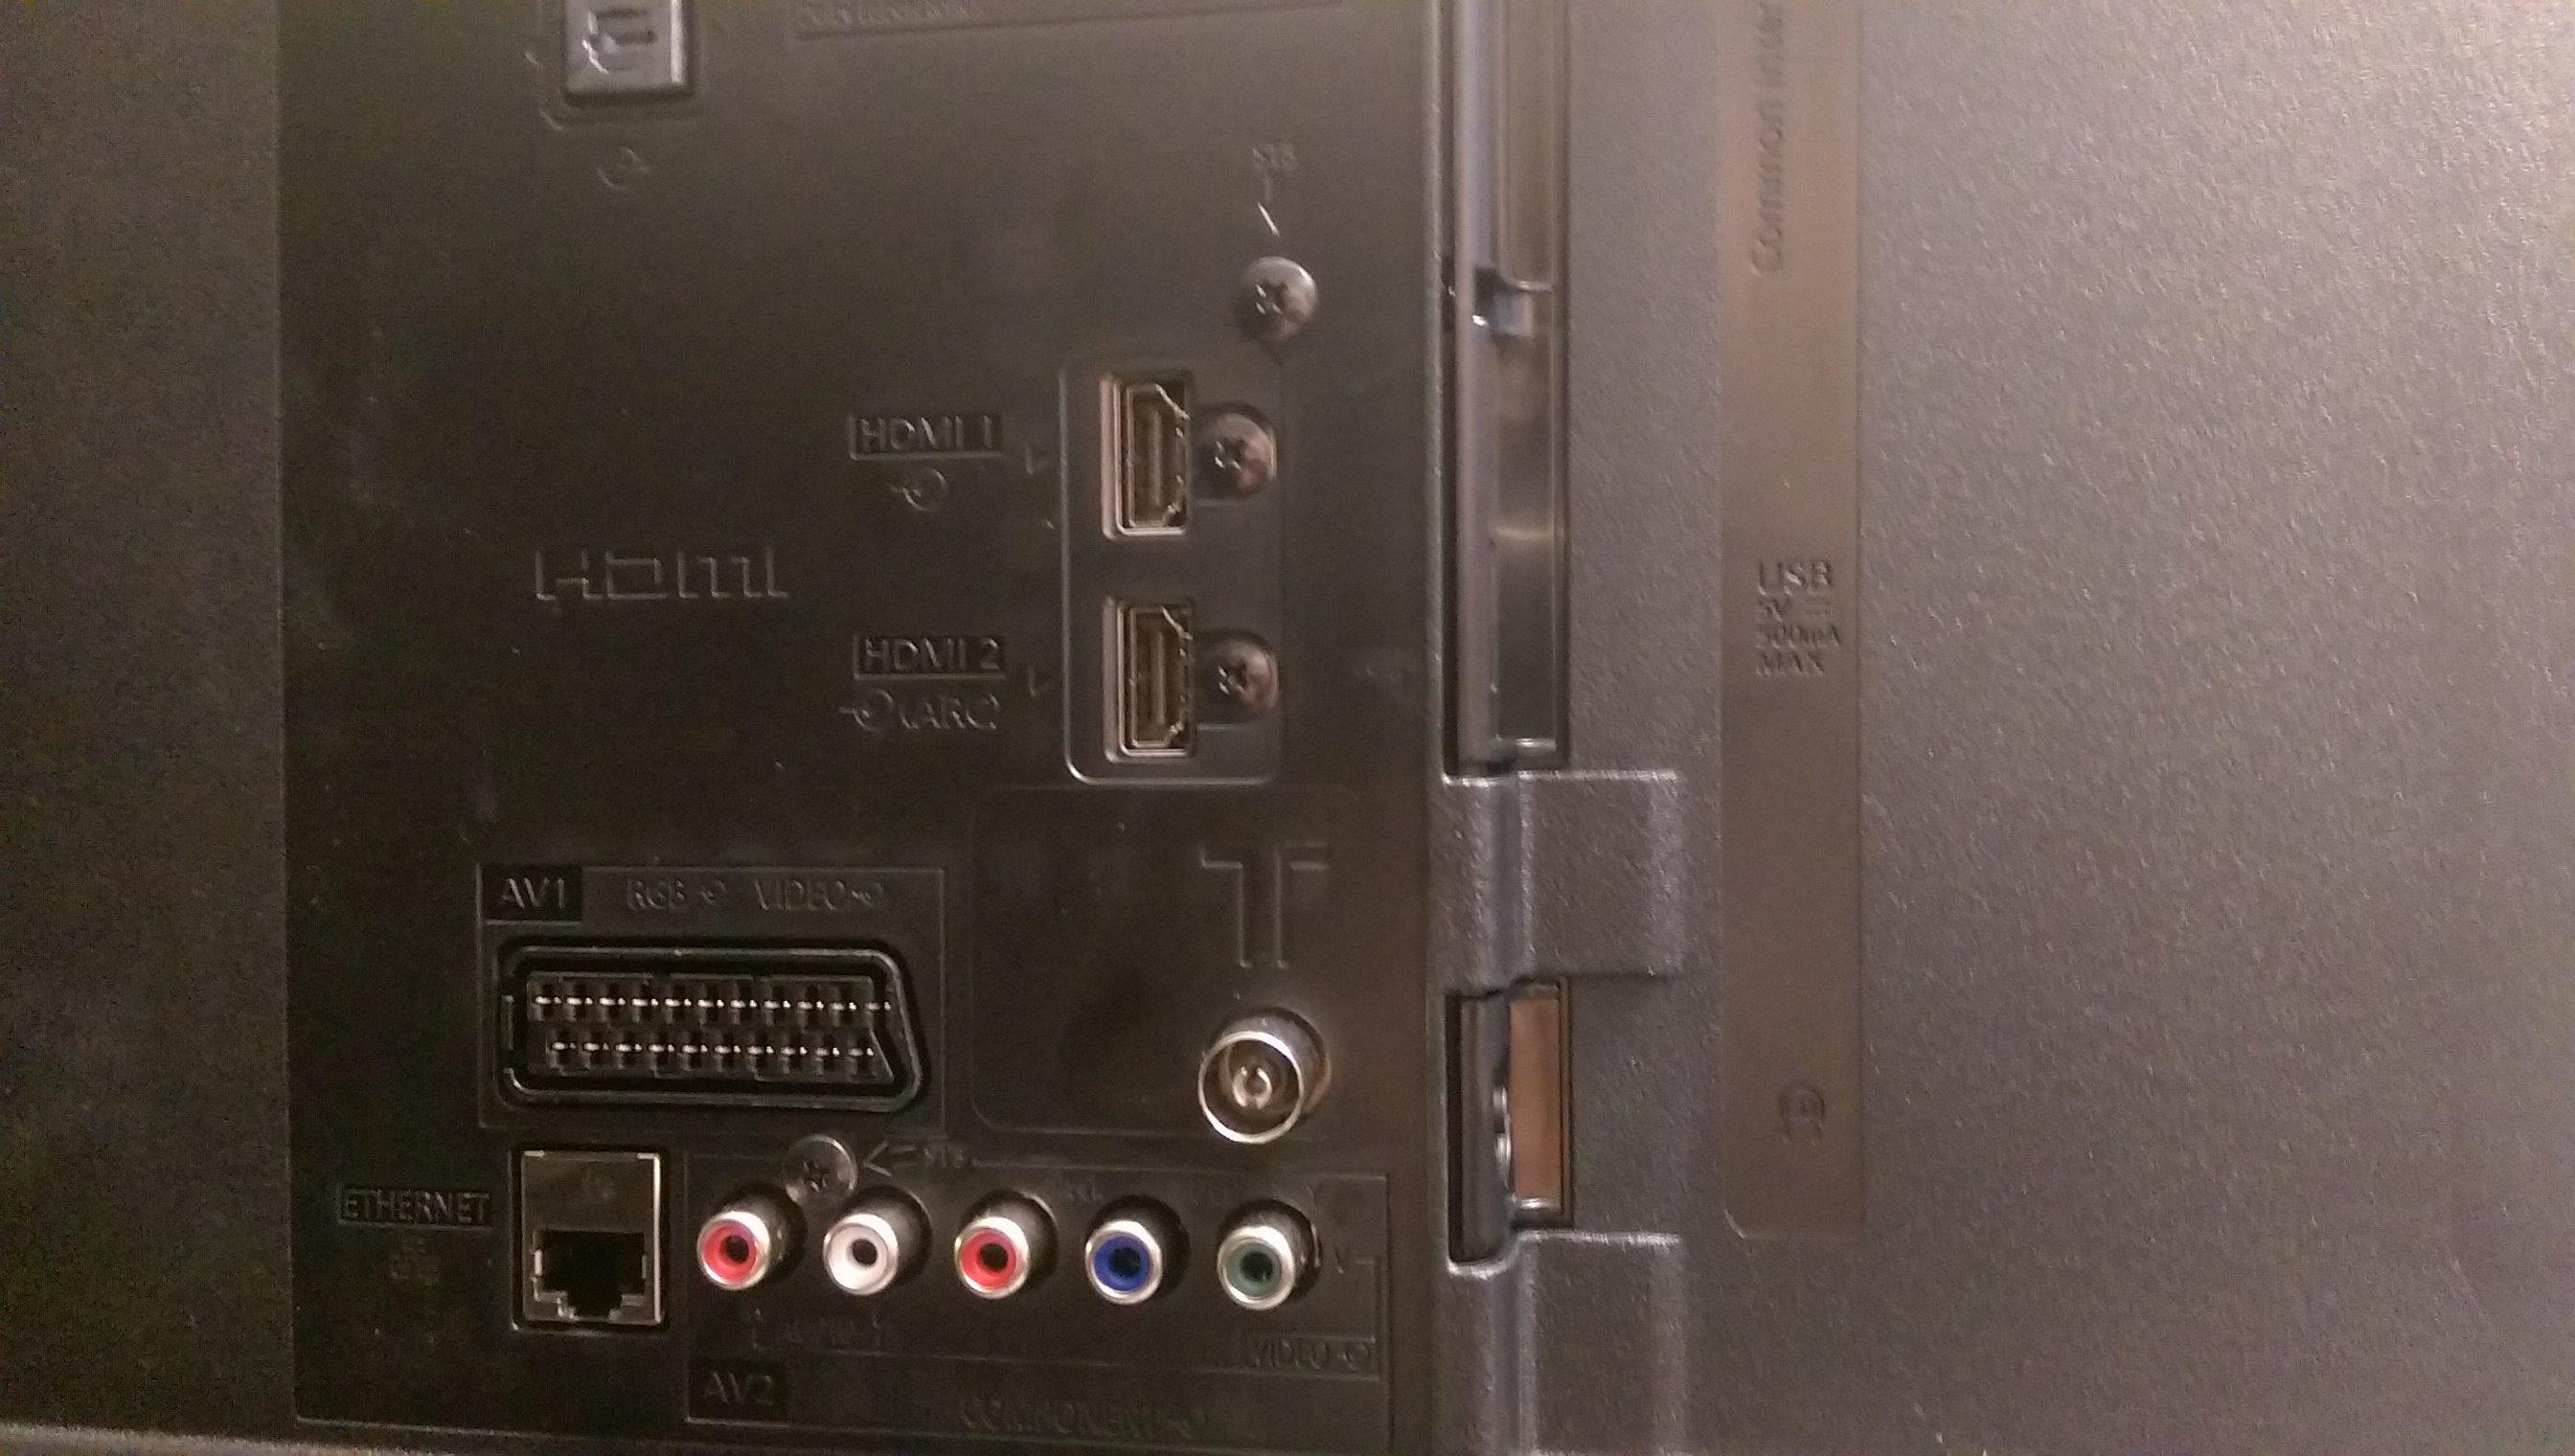 Panasonic Viera TX-55CS520B - Audio, Smart TV and Ports   2   Expert